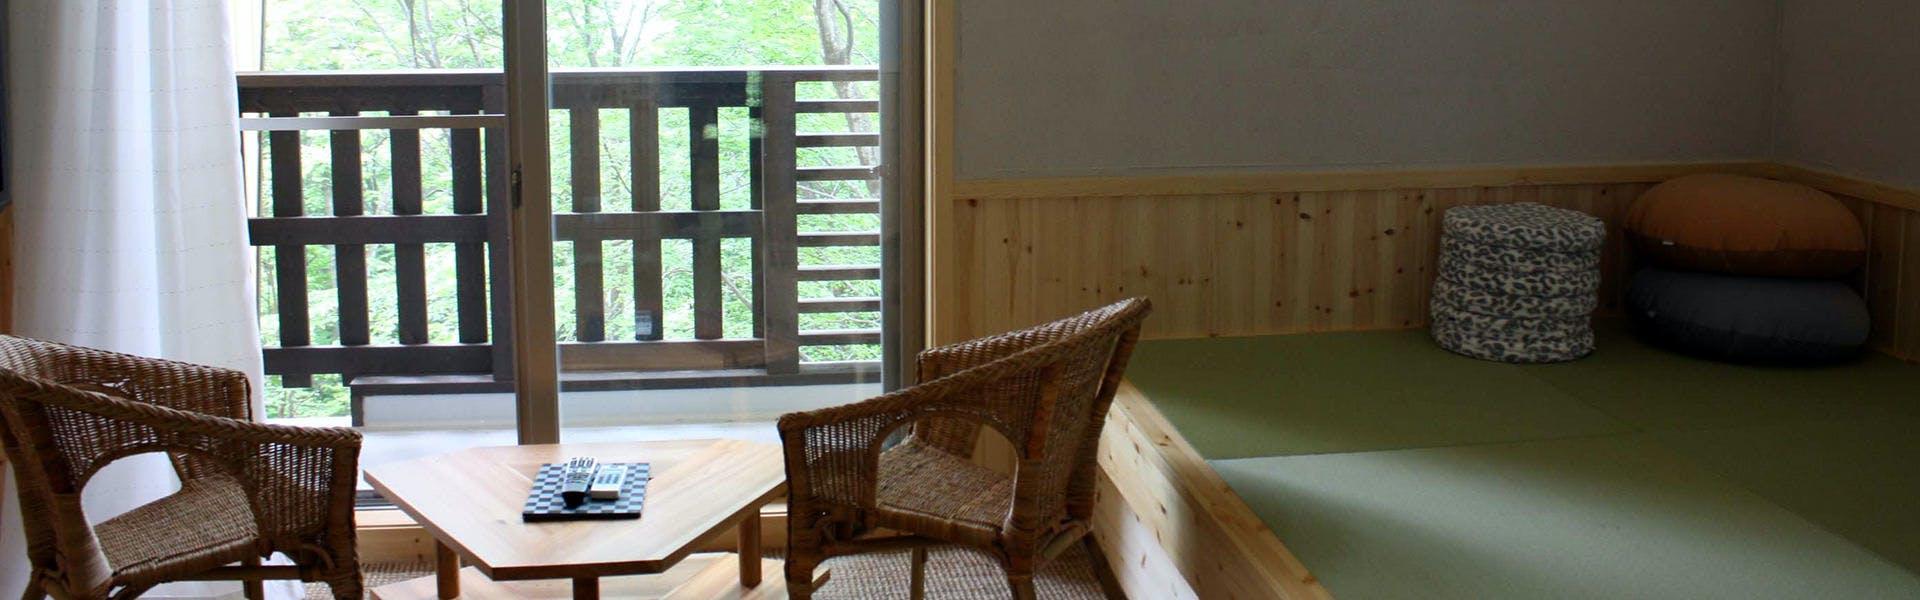 記念日におすすめのホテル・那須高原山房 小啄木の写真2